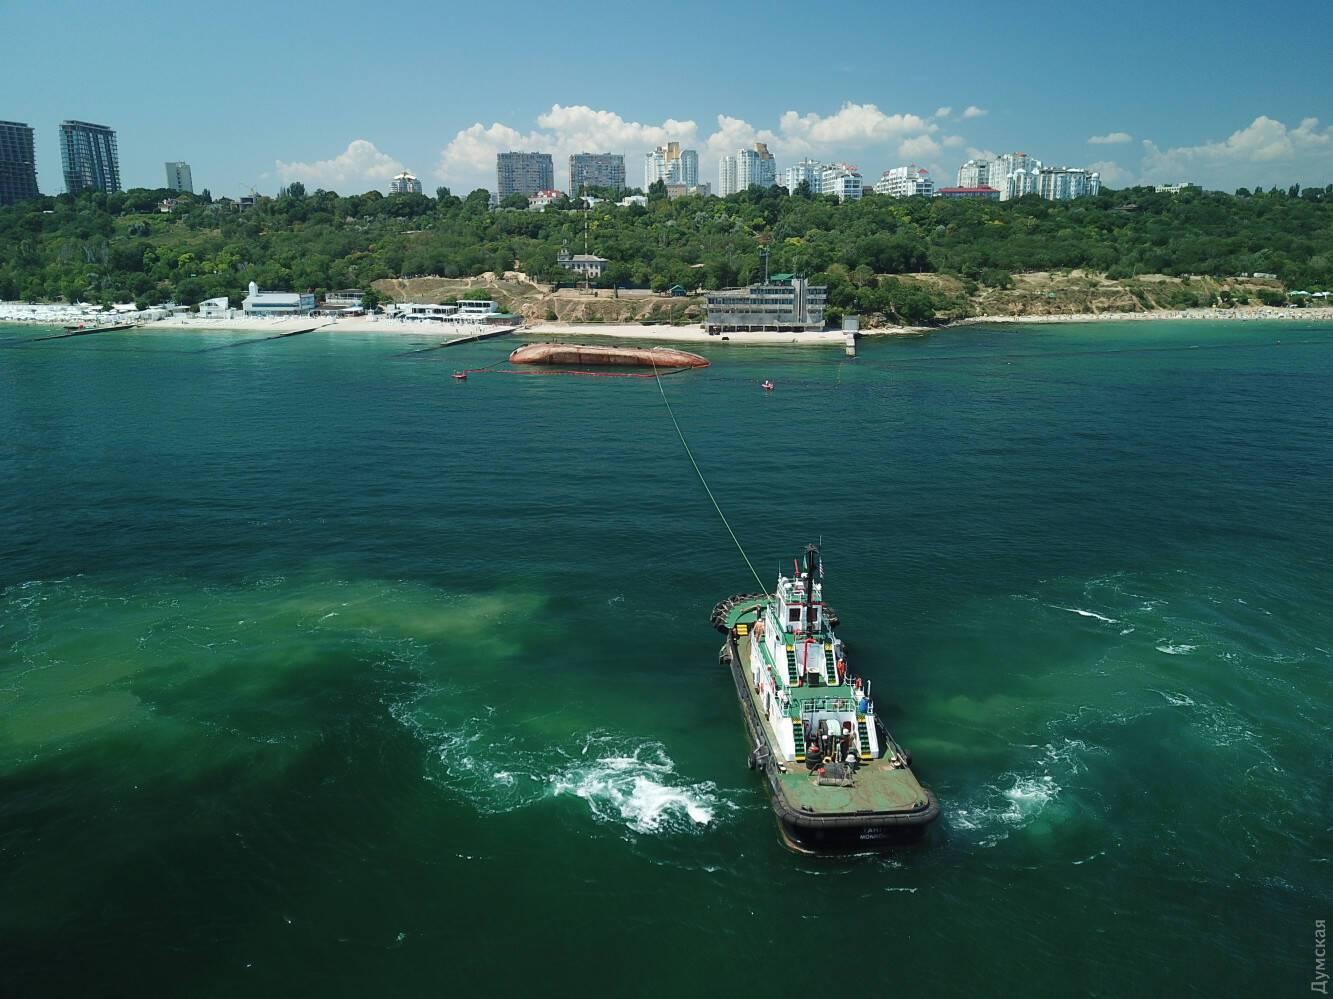 Между одесским пляжем и танкером постоянно курсируют катера